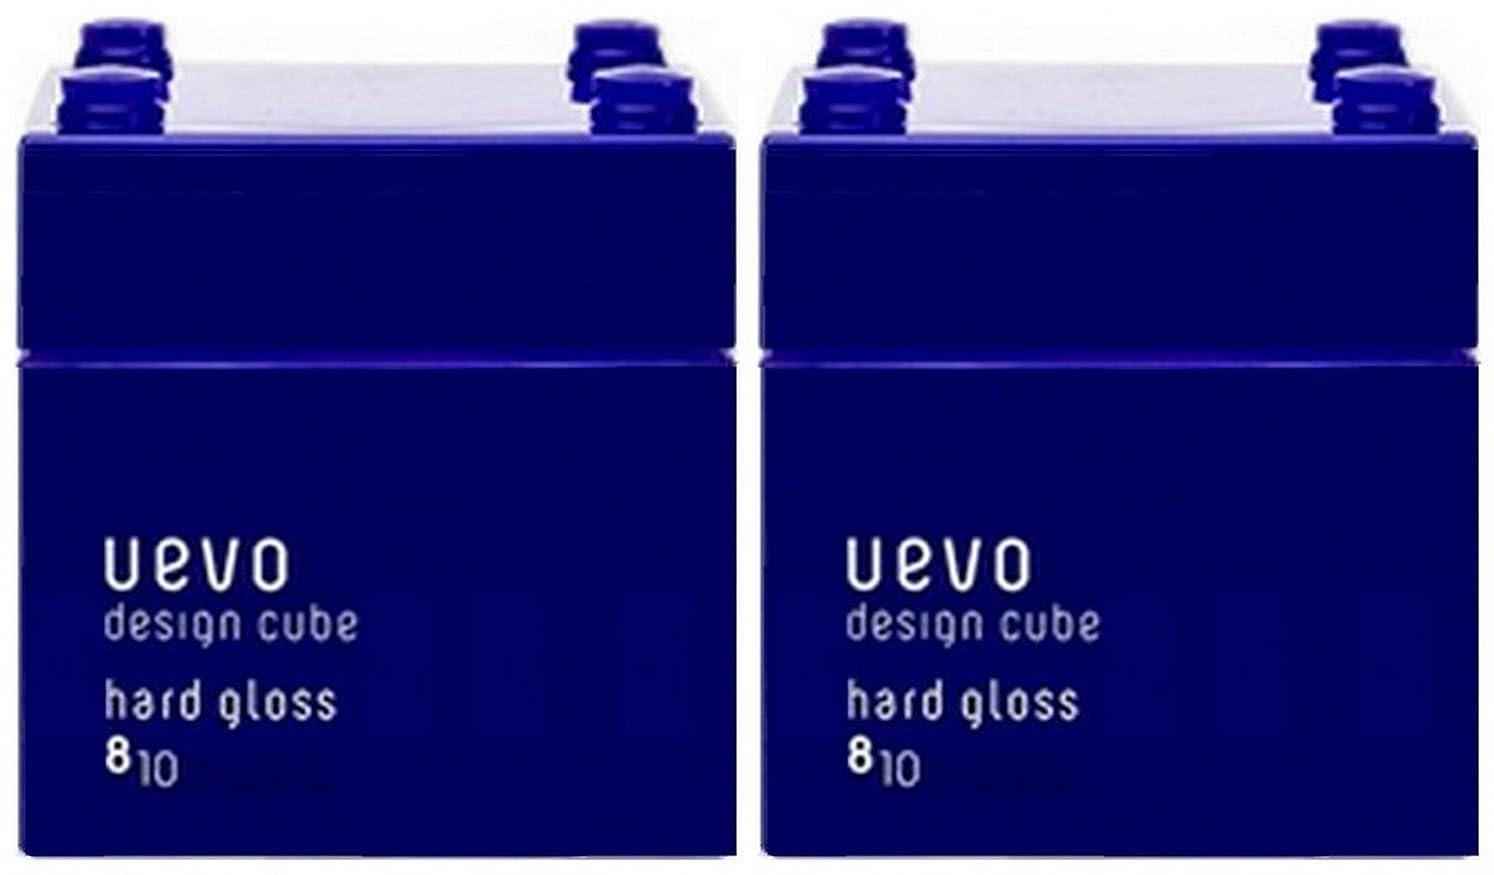 アカデミー急襲扱いやすい【X2個セット】 デミ ウェーボ デザインキューブ ハードグロス 80g hard gloss DEMI uevo design cube